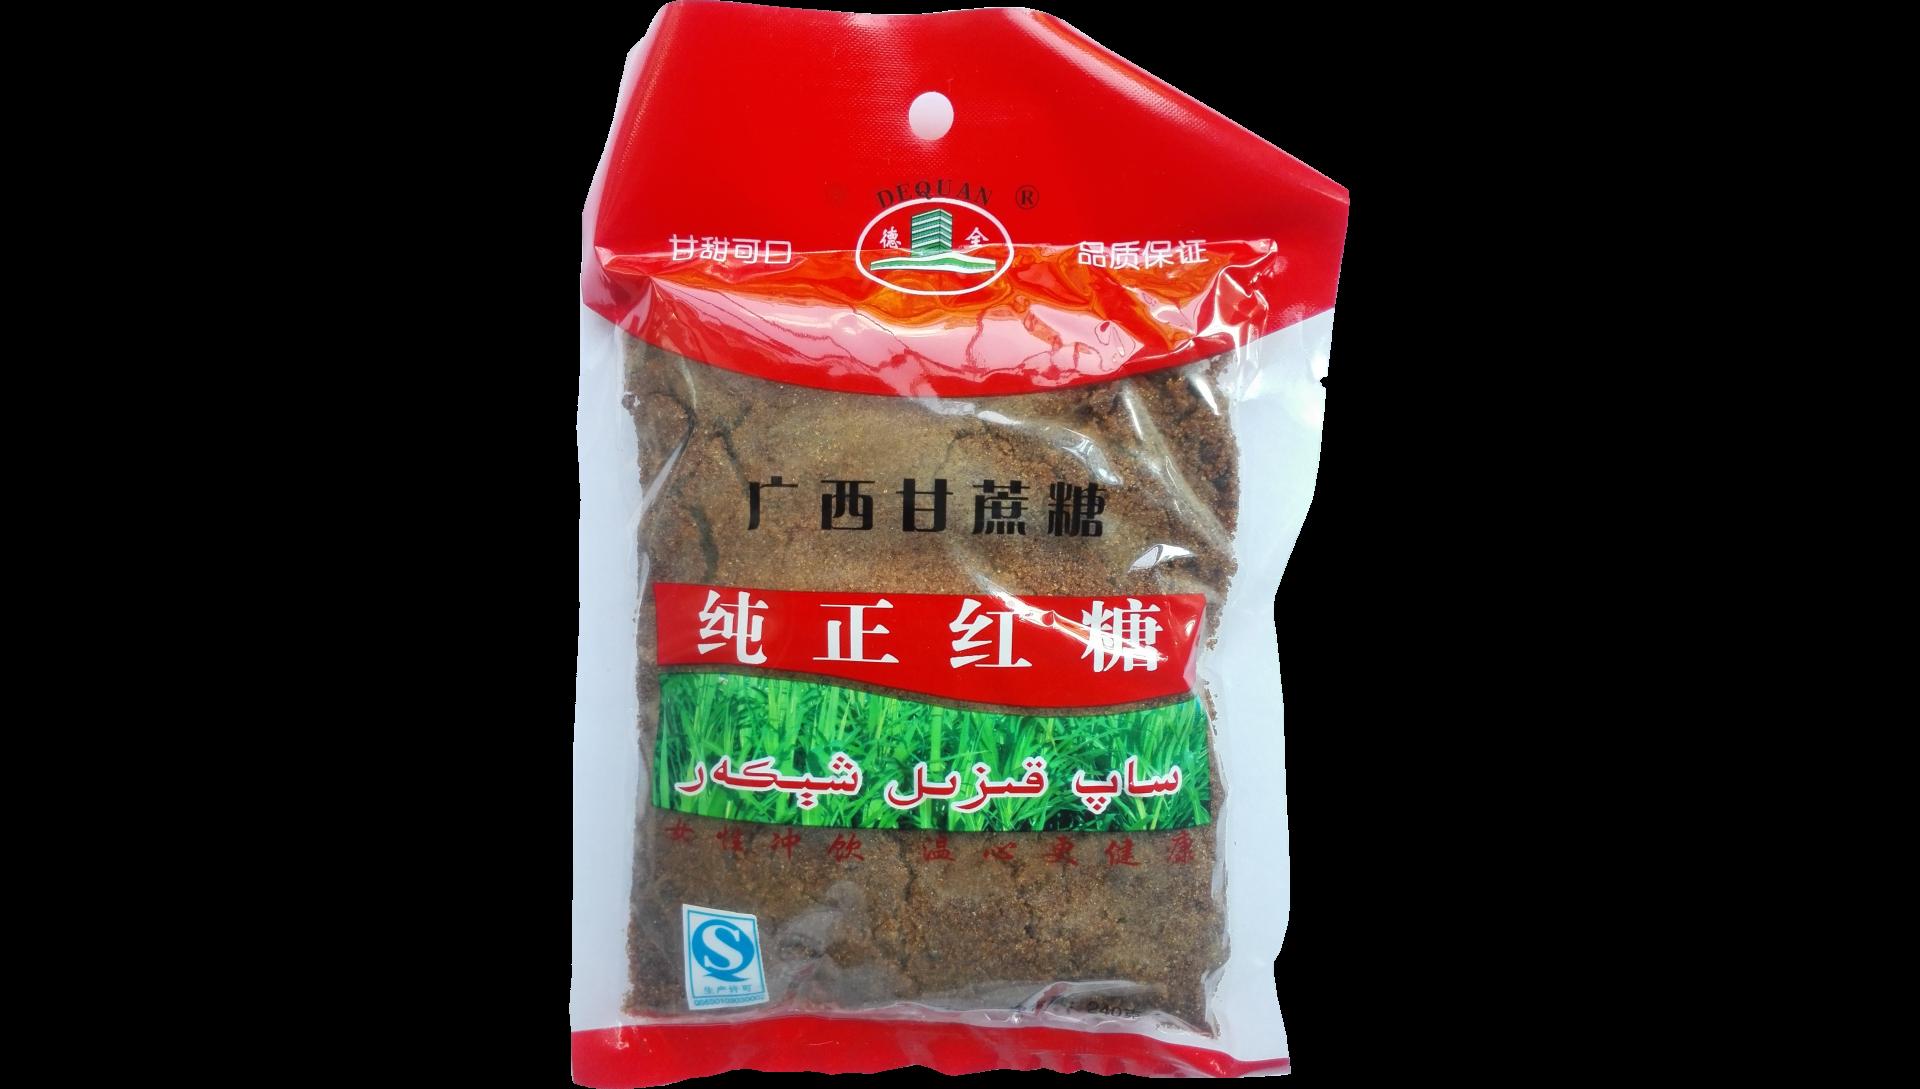 «Чистый коричневый тростниковый сахар», цена – 2$, упаковка 240гр.